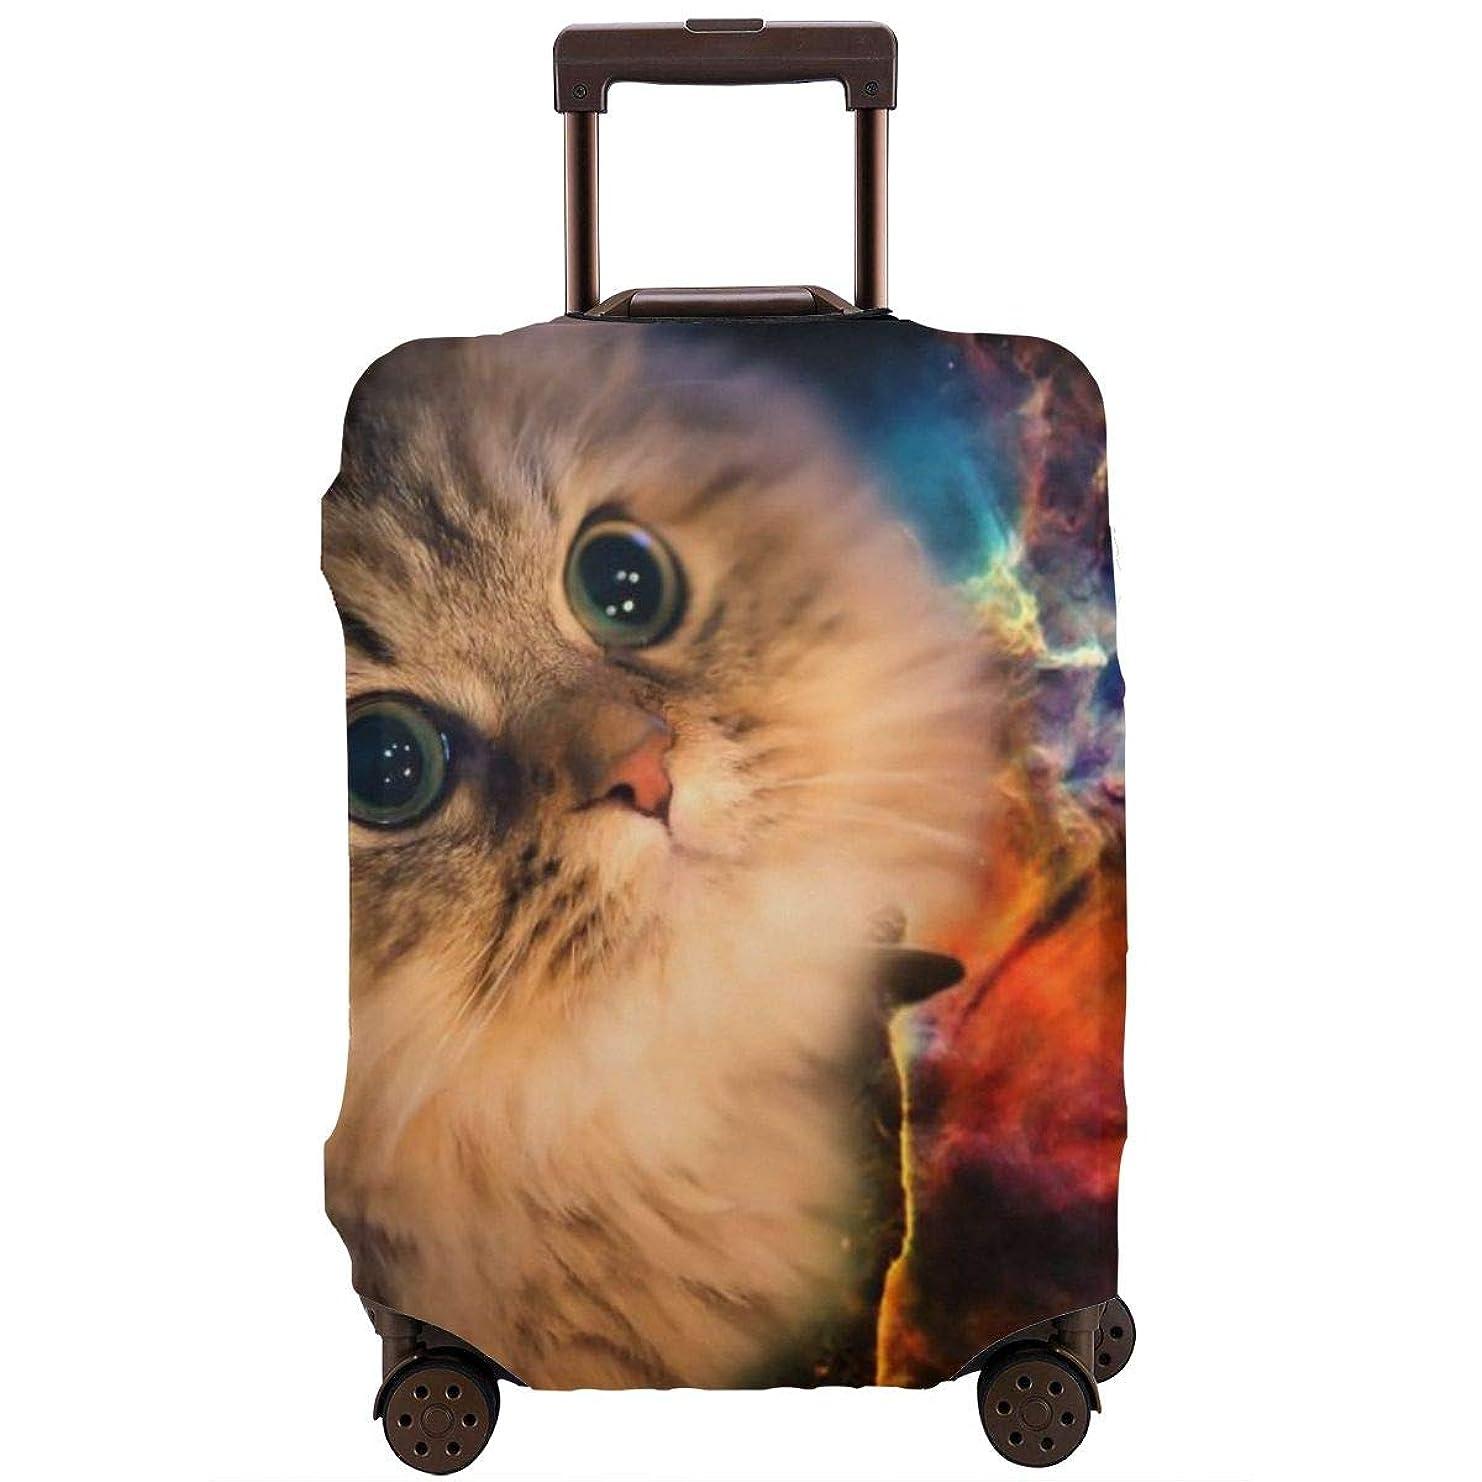 省略クローン束スーツケースカバー キャリーカバー かわいい 宇宙の猫 伸縮弾性素材 トラベルダストカバー スーツケース保護カバー ラゲッジカバー 通気性 傷防止 盗難 防塵カバー 欧米風 S/M/L/XLサイズ